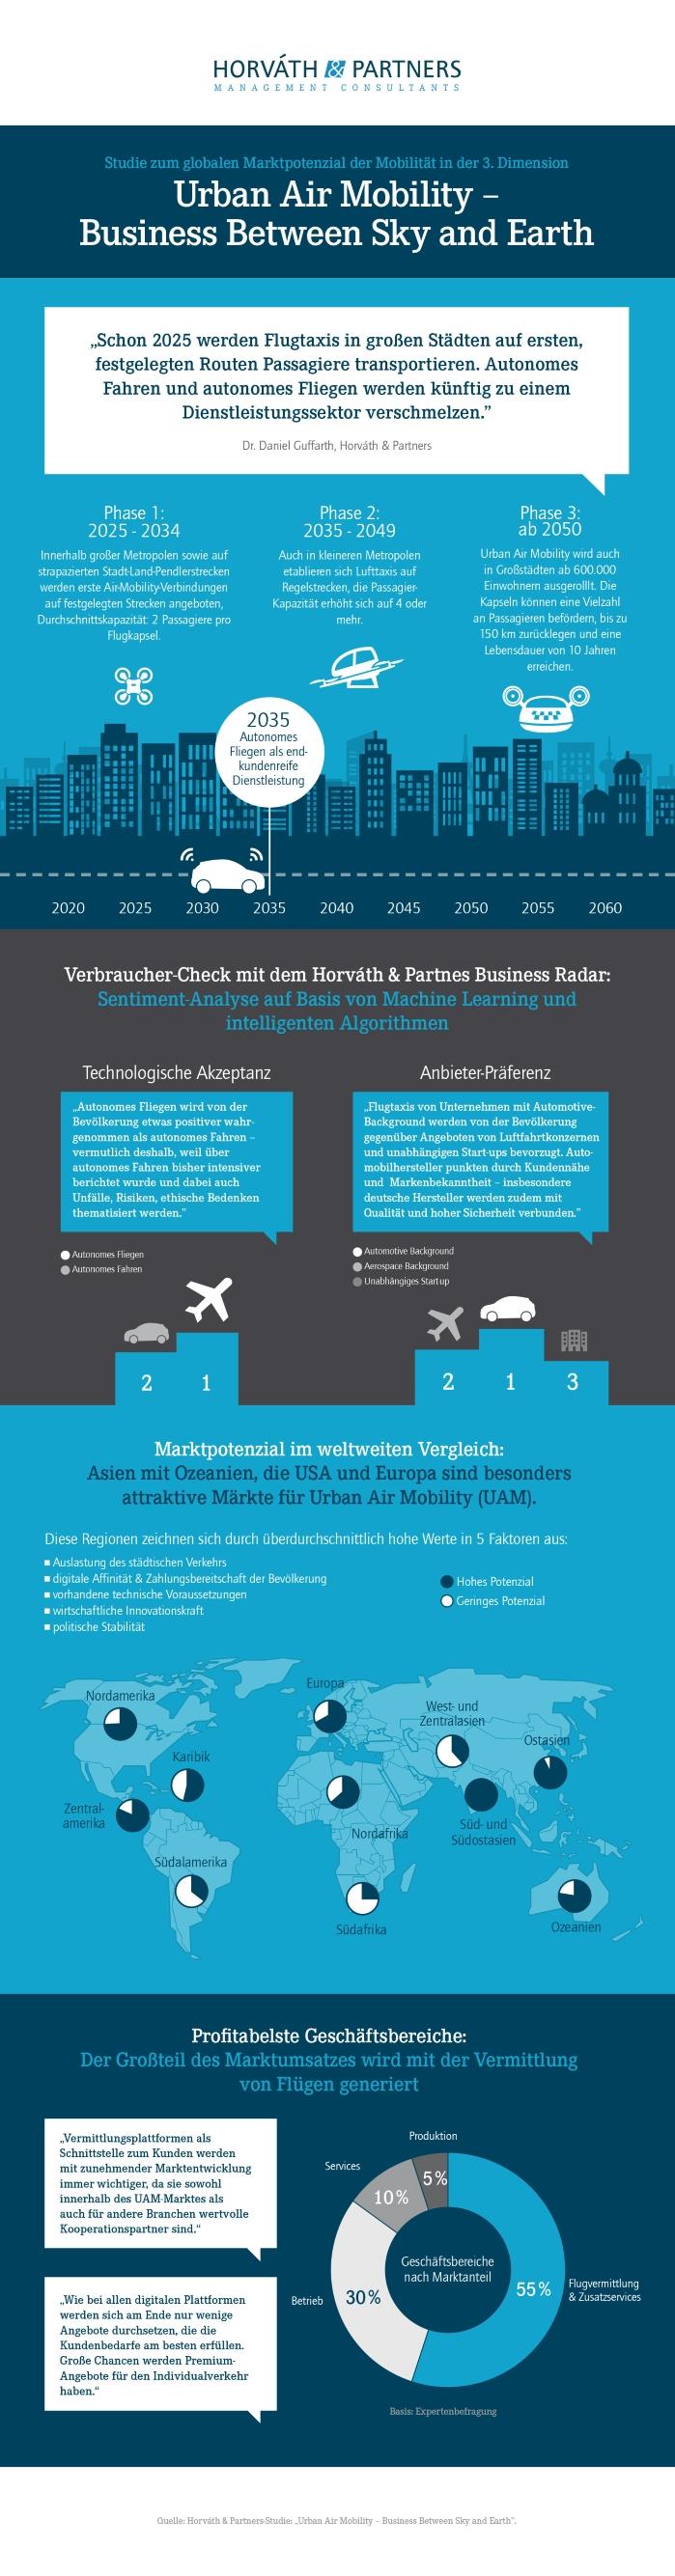 """Horváth-Studie """"Urban Air Mobility"""" – Flugtaxi-Pilotstrecken ab 2025 auch in Deutschland realistisch"""